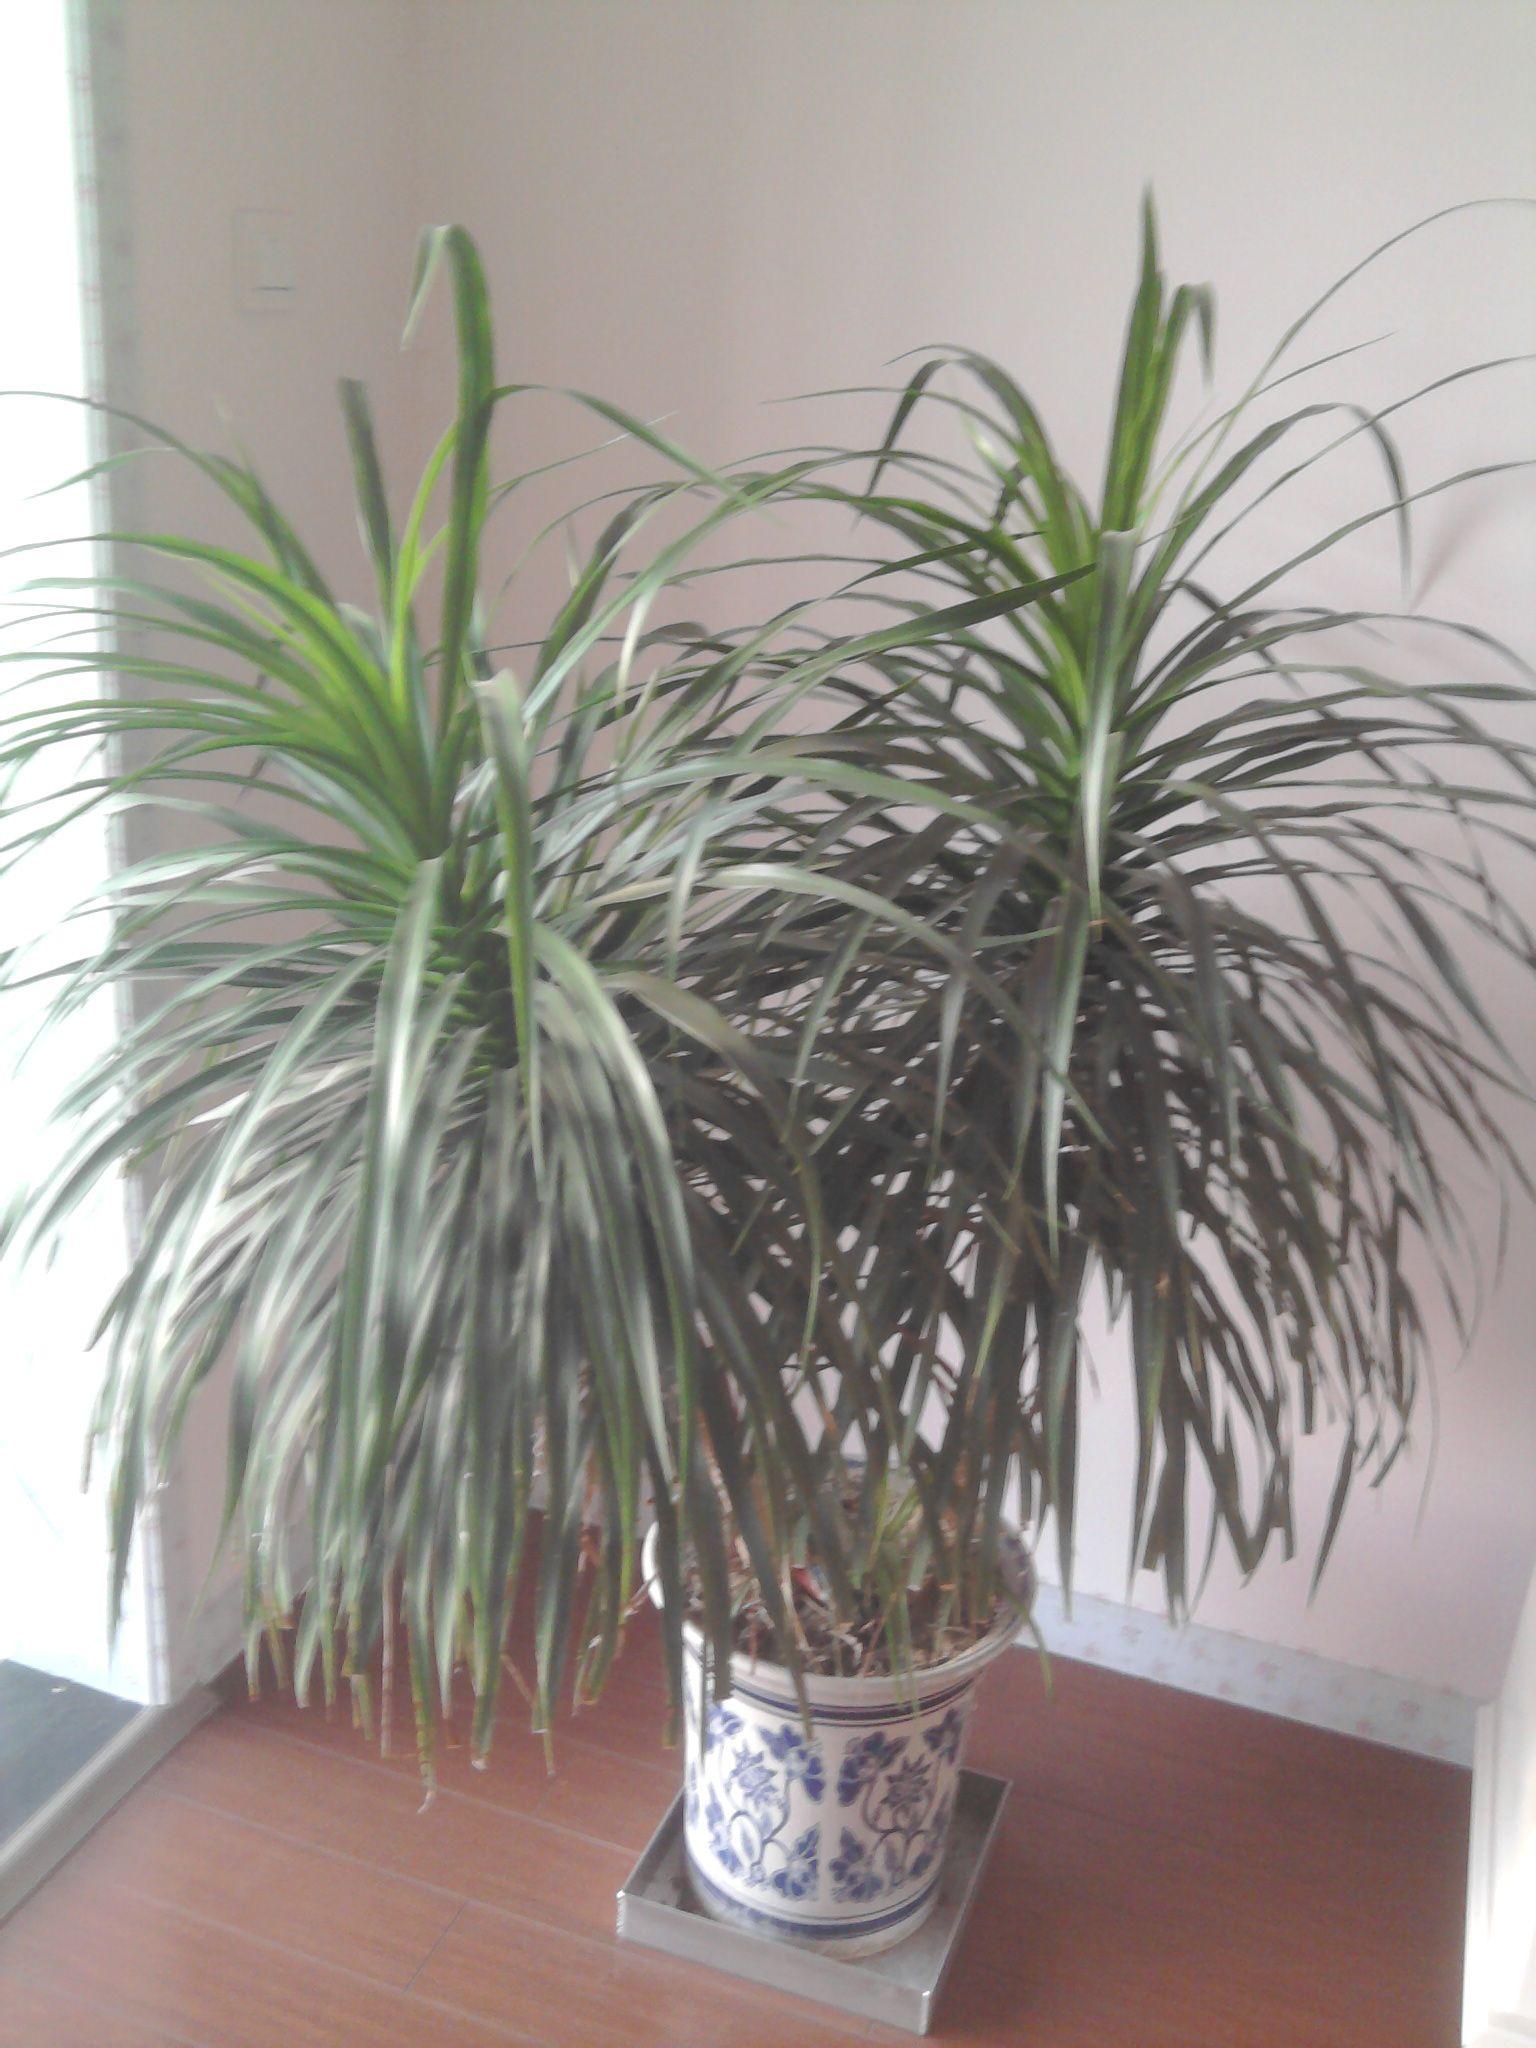 请教这两种绿植叫什么名字?谢谢!图片